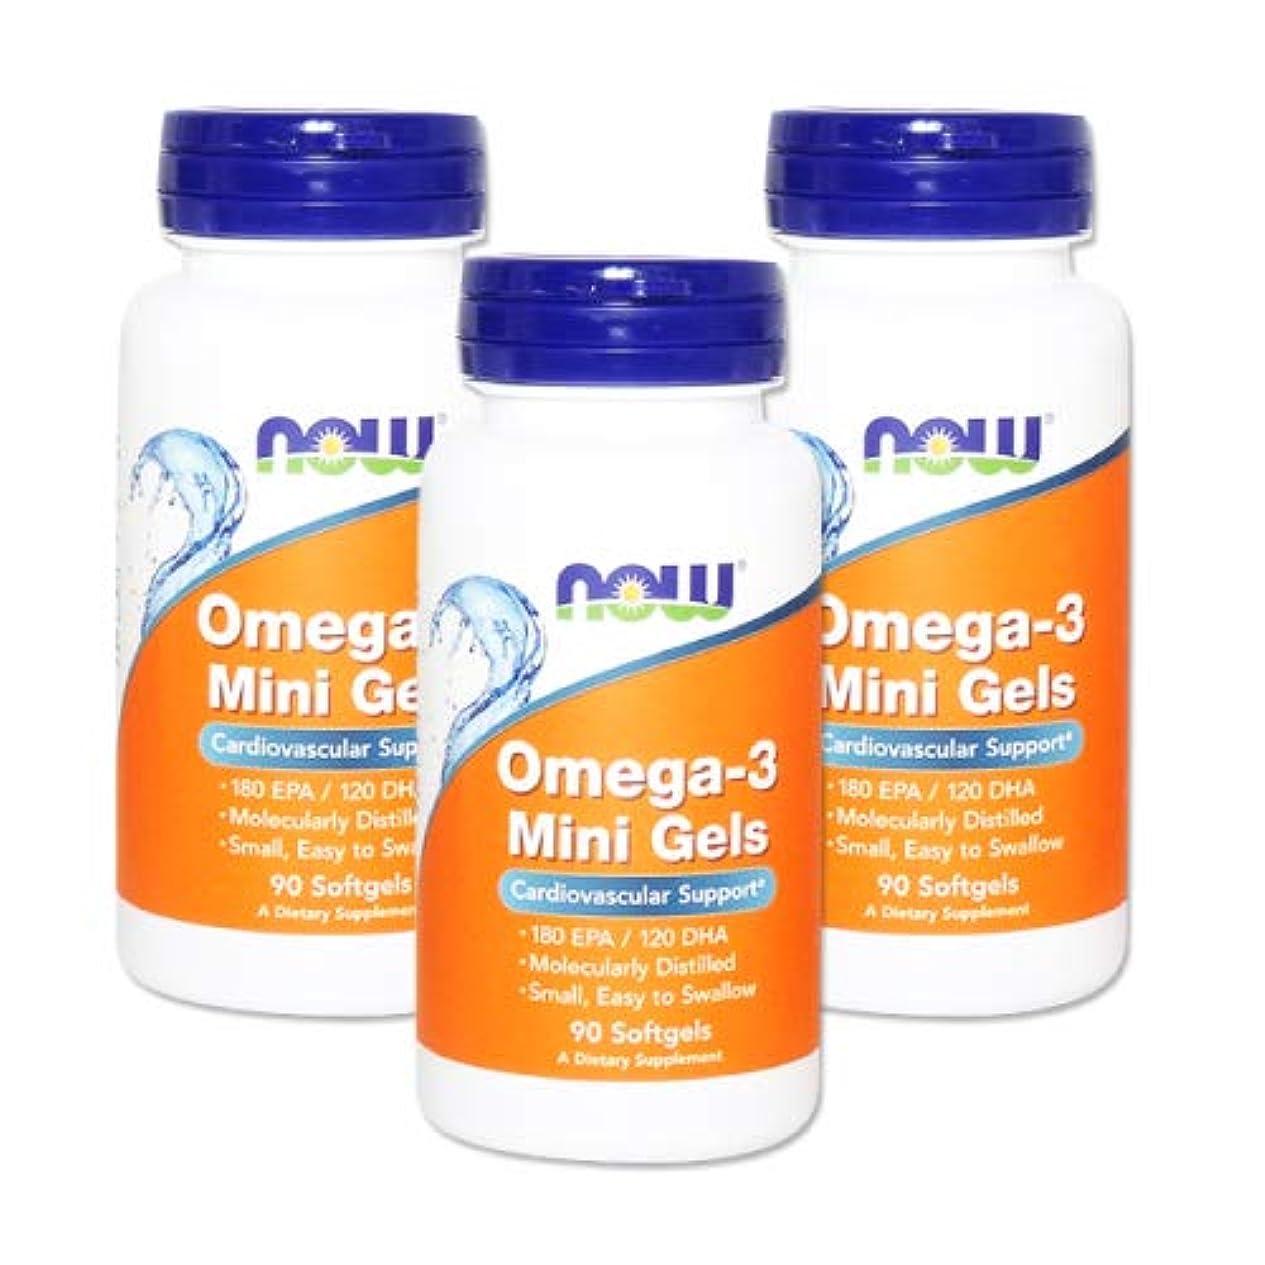 スナック学部長追放する3個セットオメガ3(濃縮天然 DHA&EPA) オメガ3ミニジェル DHA&EPA 90粒